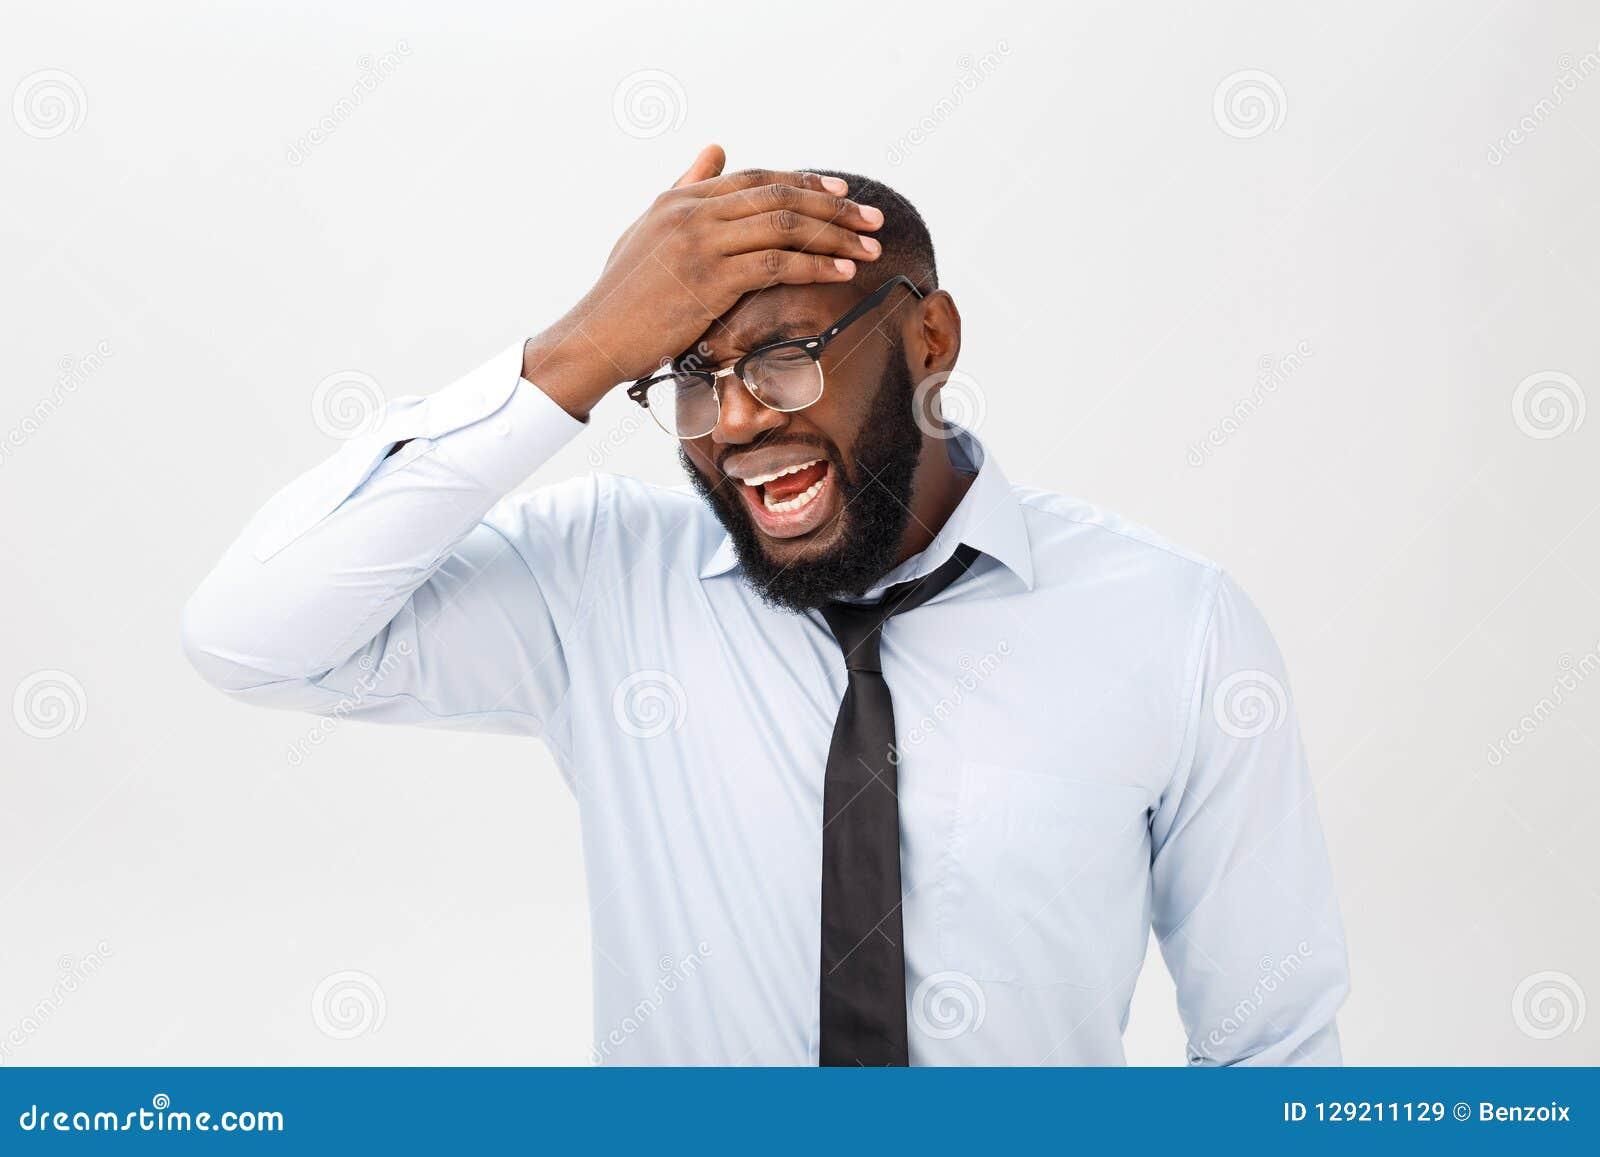 Πορτρέτο του απελπισμένου ενοχλημένου μαύρου αρσενικού που κραυγάζει στην οργή και το θυμό λυσσασμένους την τρίχα του έξω αισθαμέ